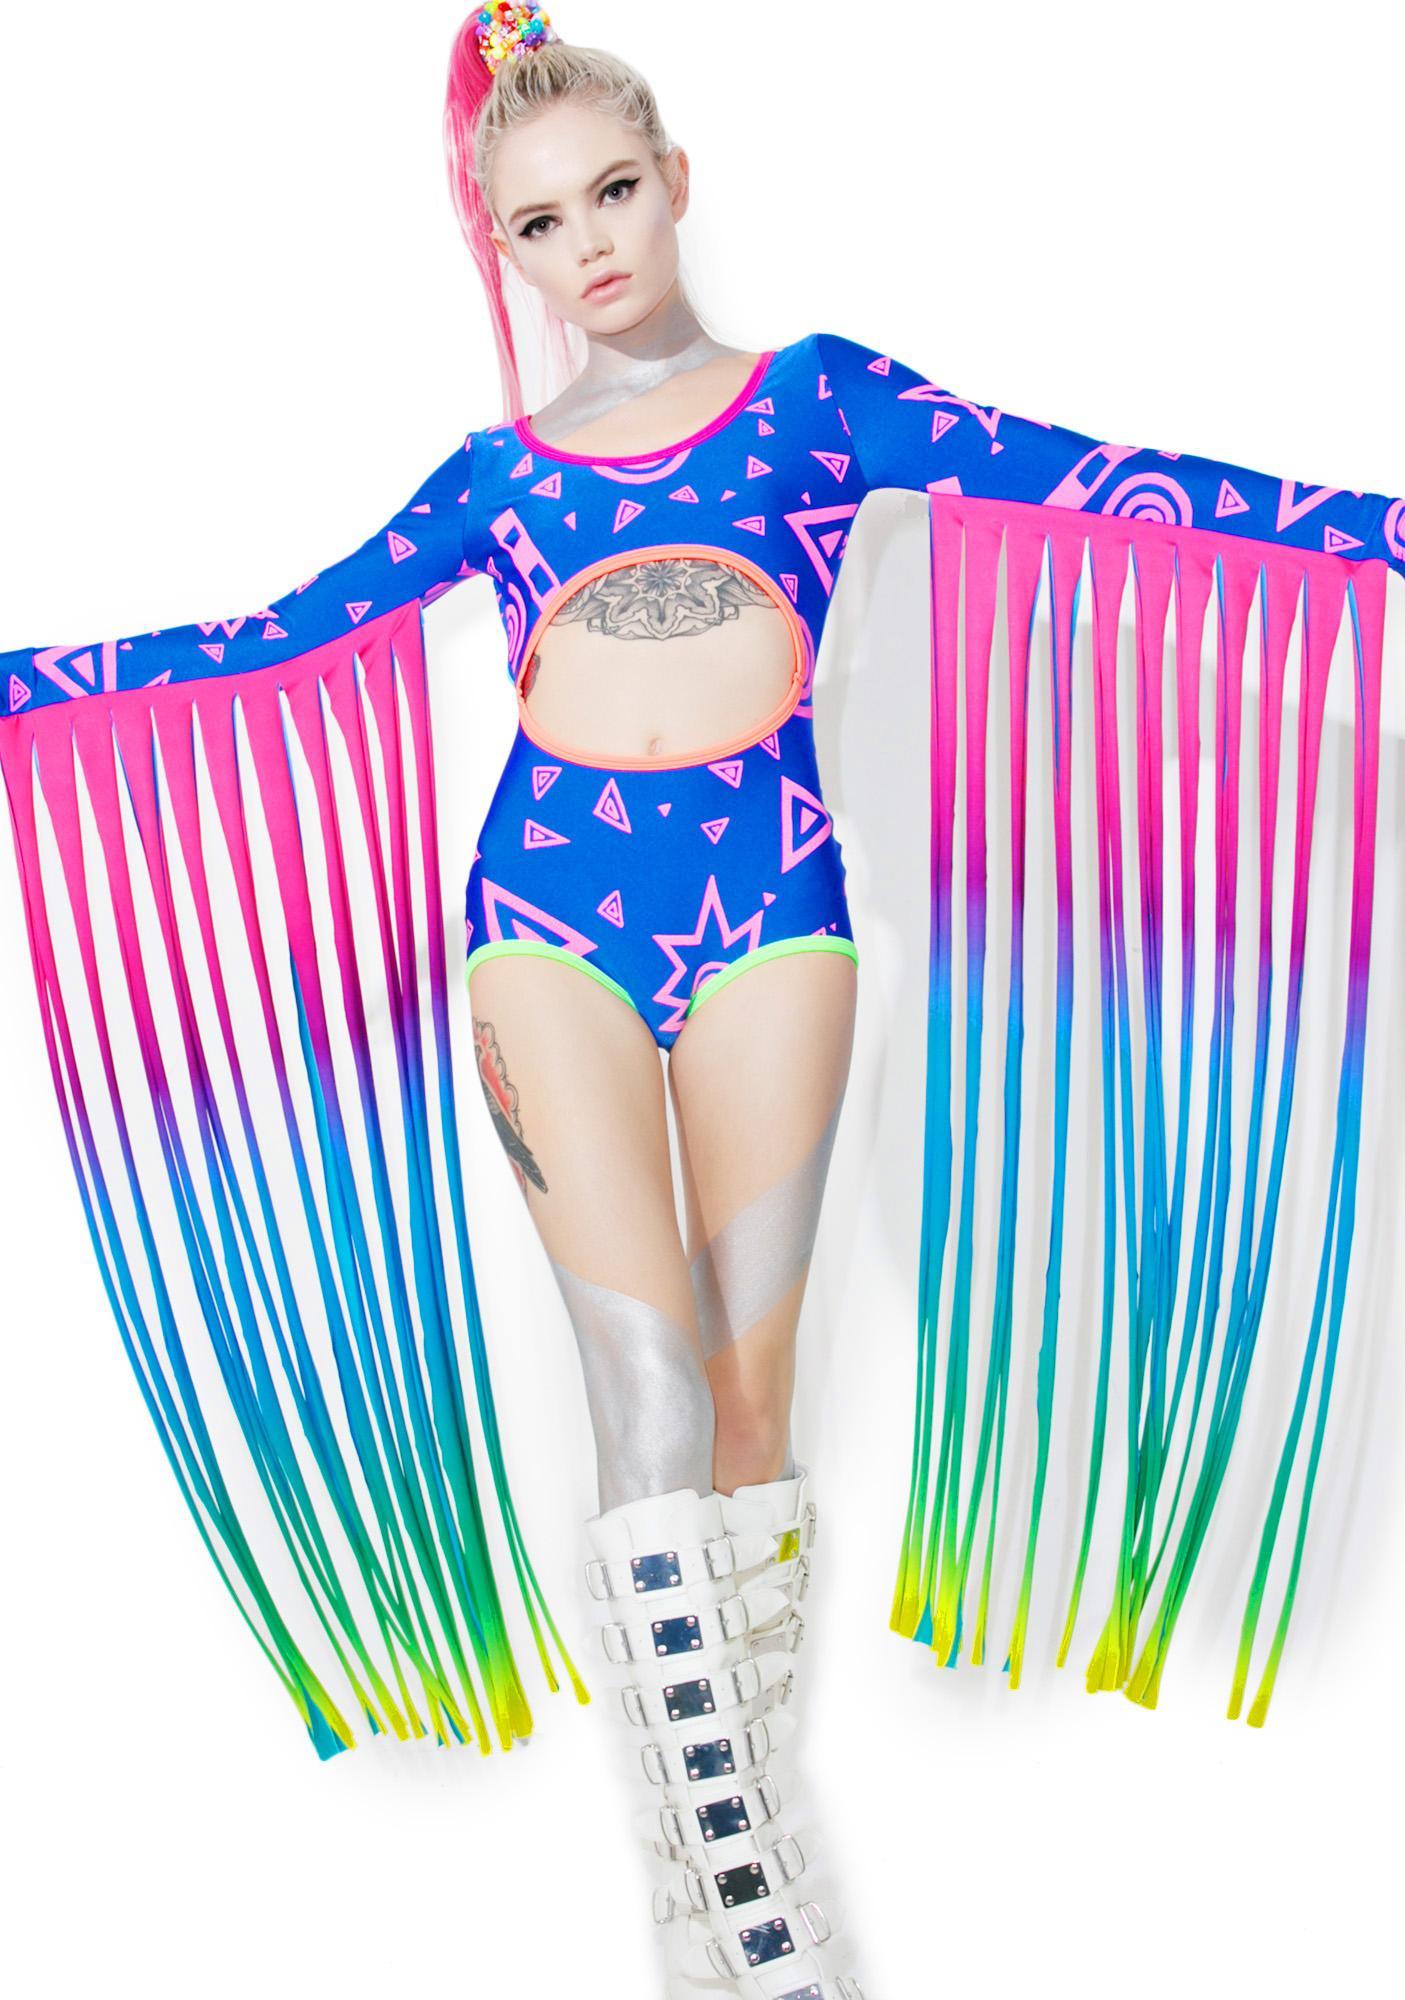 Mamadoux Fringed Rave Bodysuit